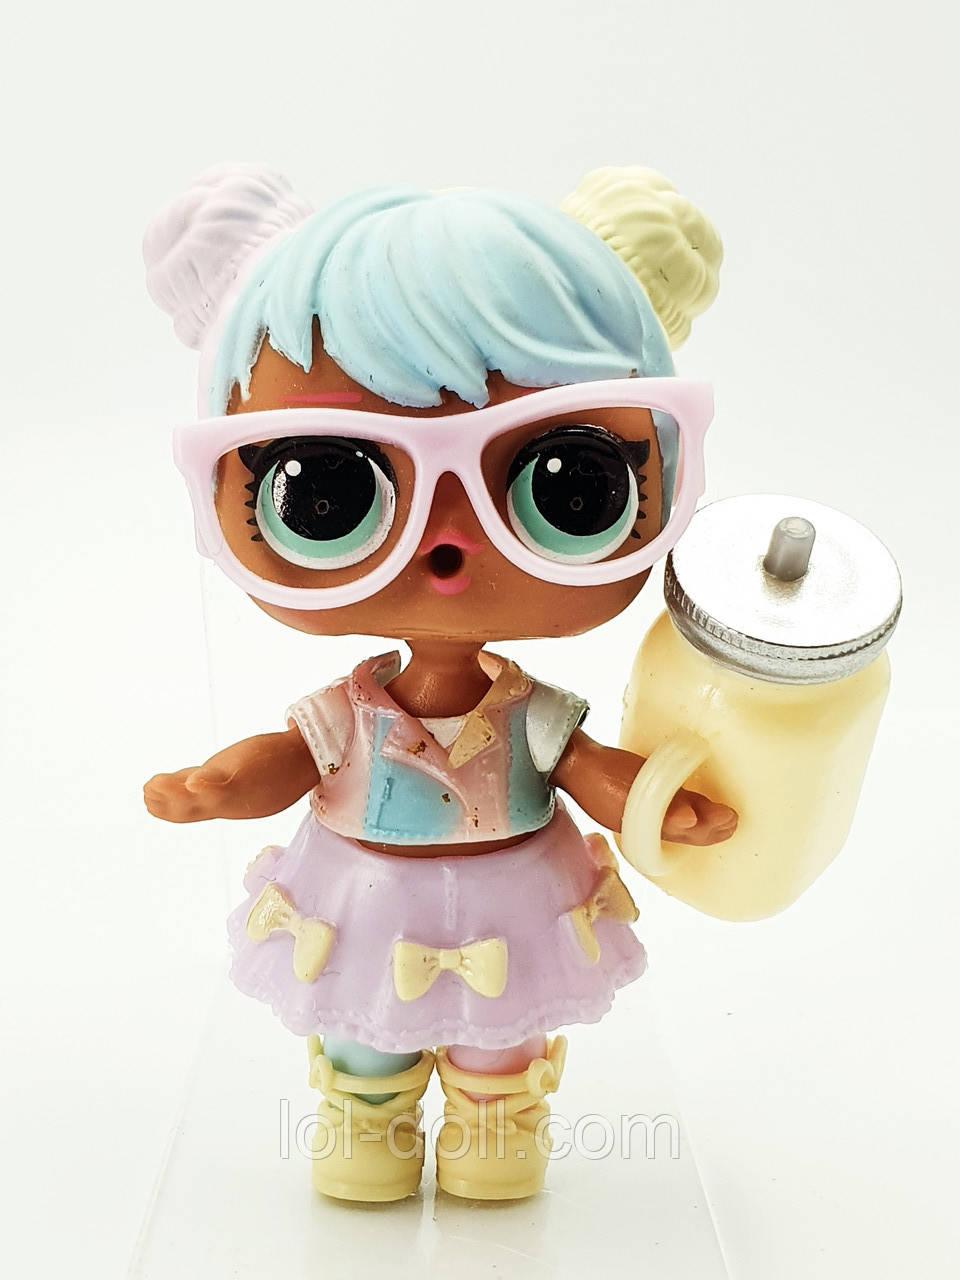 Кукла LOL Surprise 2 Серия Bon Bon - Леди Бон-бон Лол Сюрприз Без Шара Оригинал